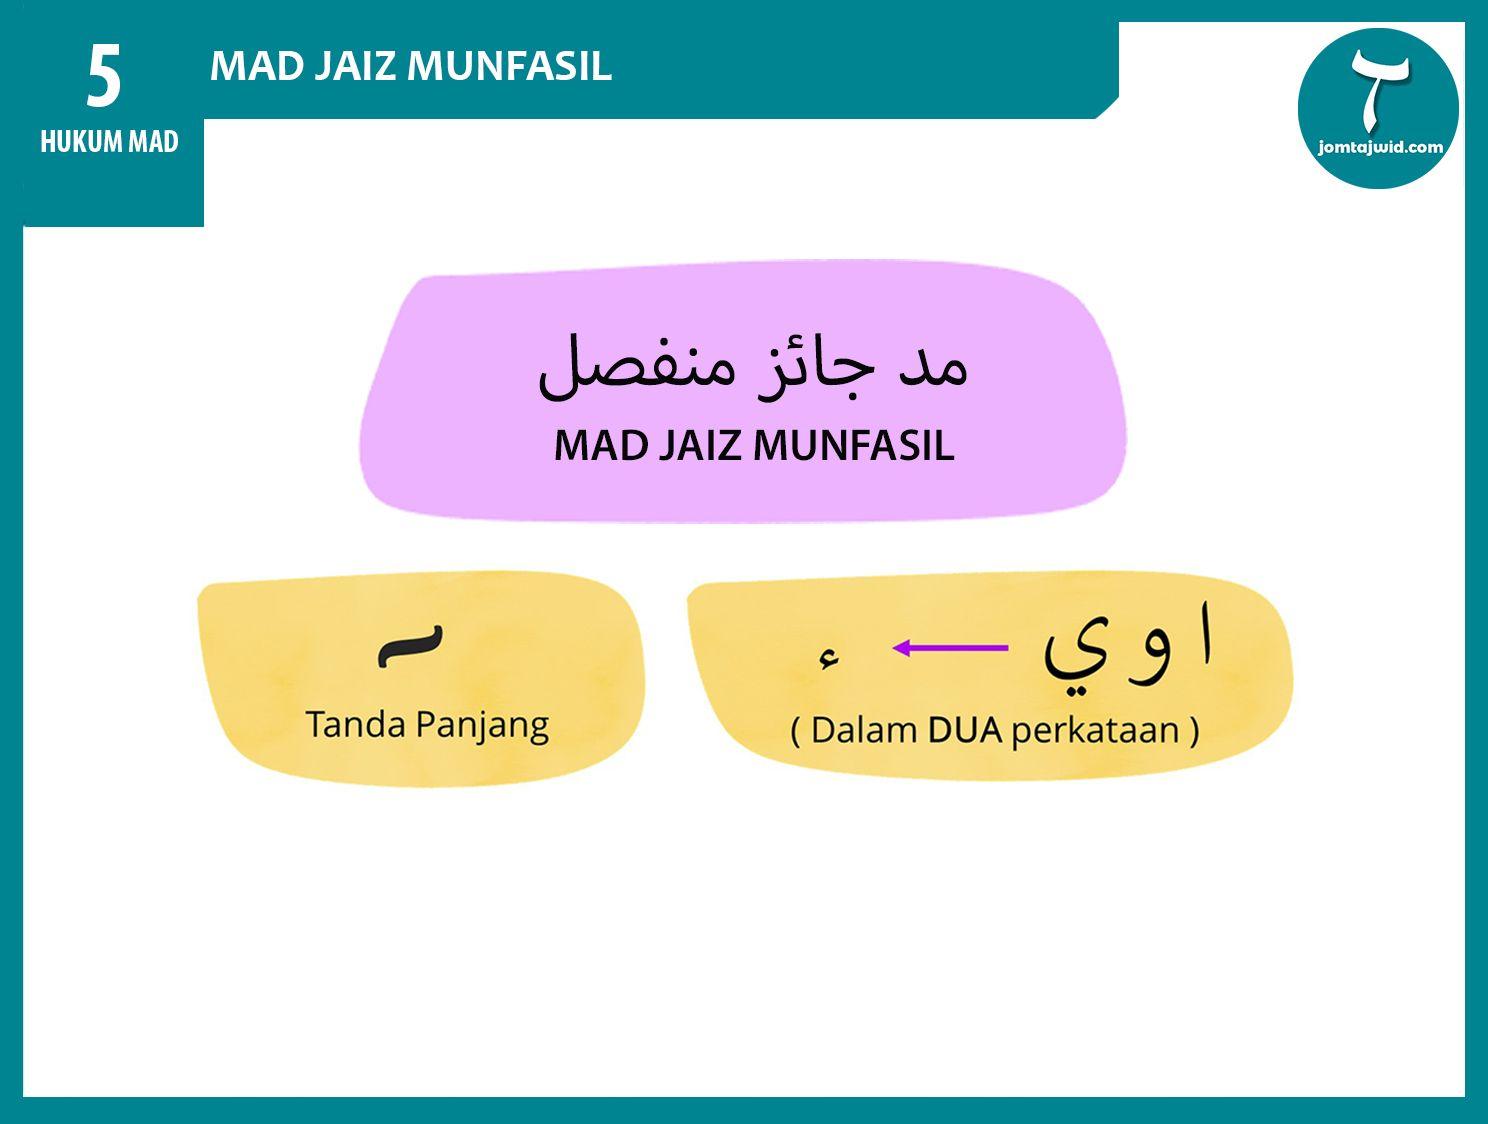 Sebab Ia Terjadi Mad Jaiz Munfasil Terjadi Apabila Huruf Mad Bertemu Dengan Hamzah Dalam Dua Perkataan Keterangan Mad Tajweed Quran Learning Arabic Quran